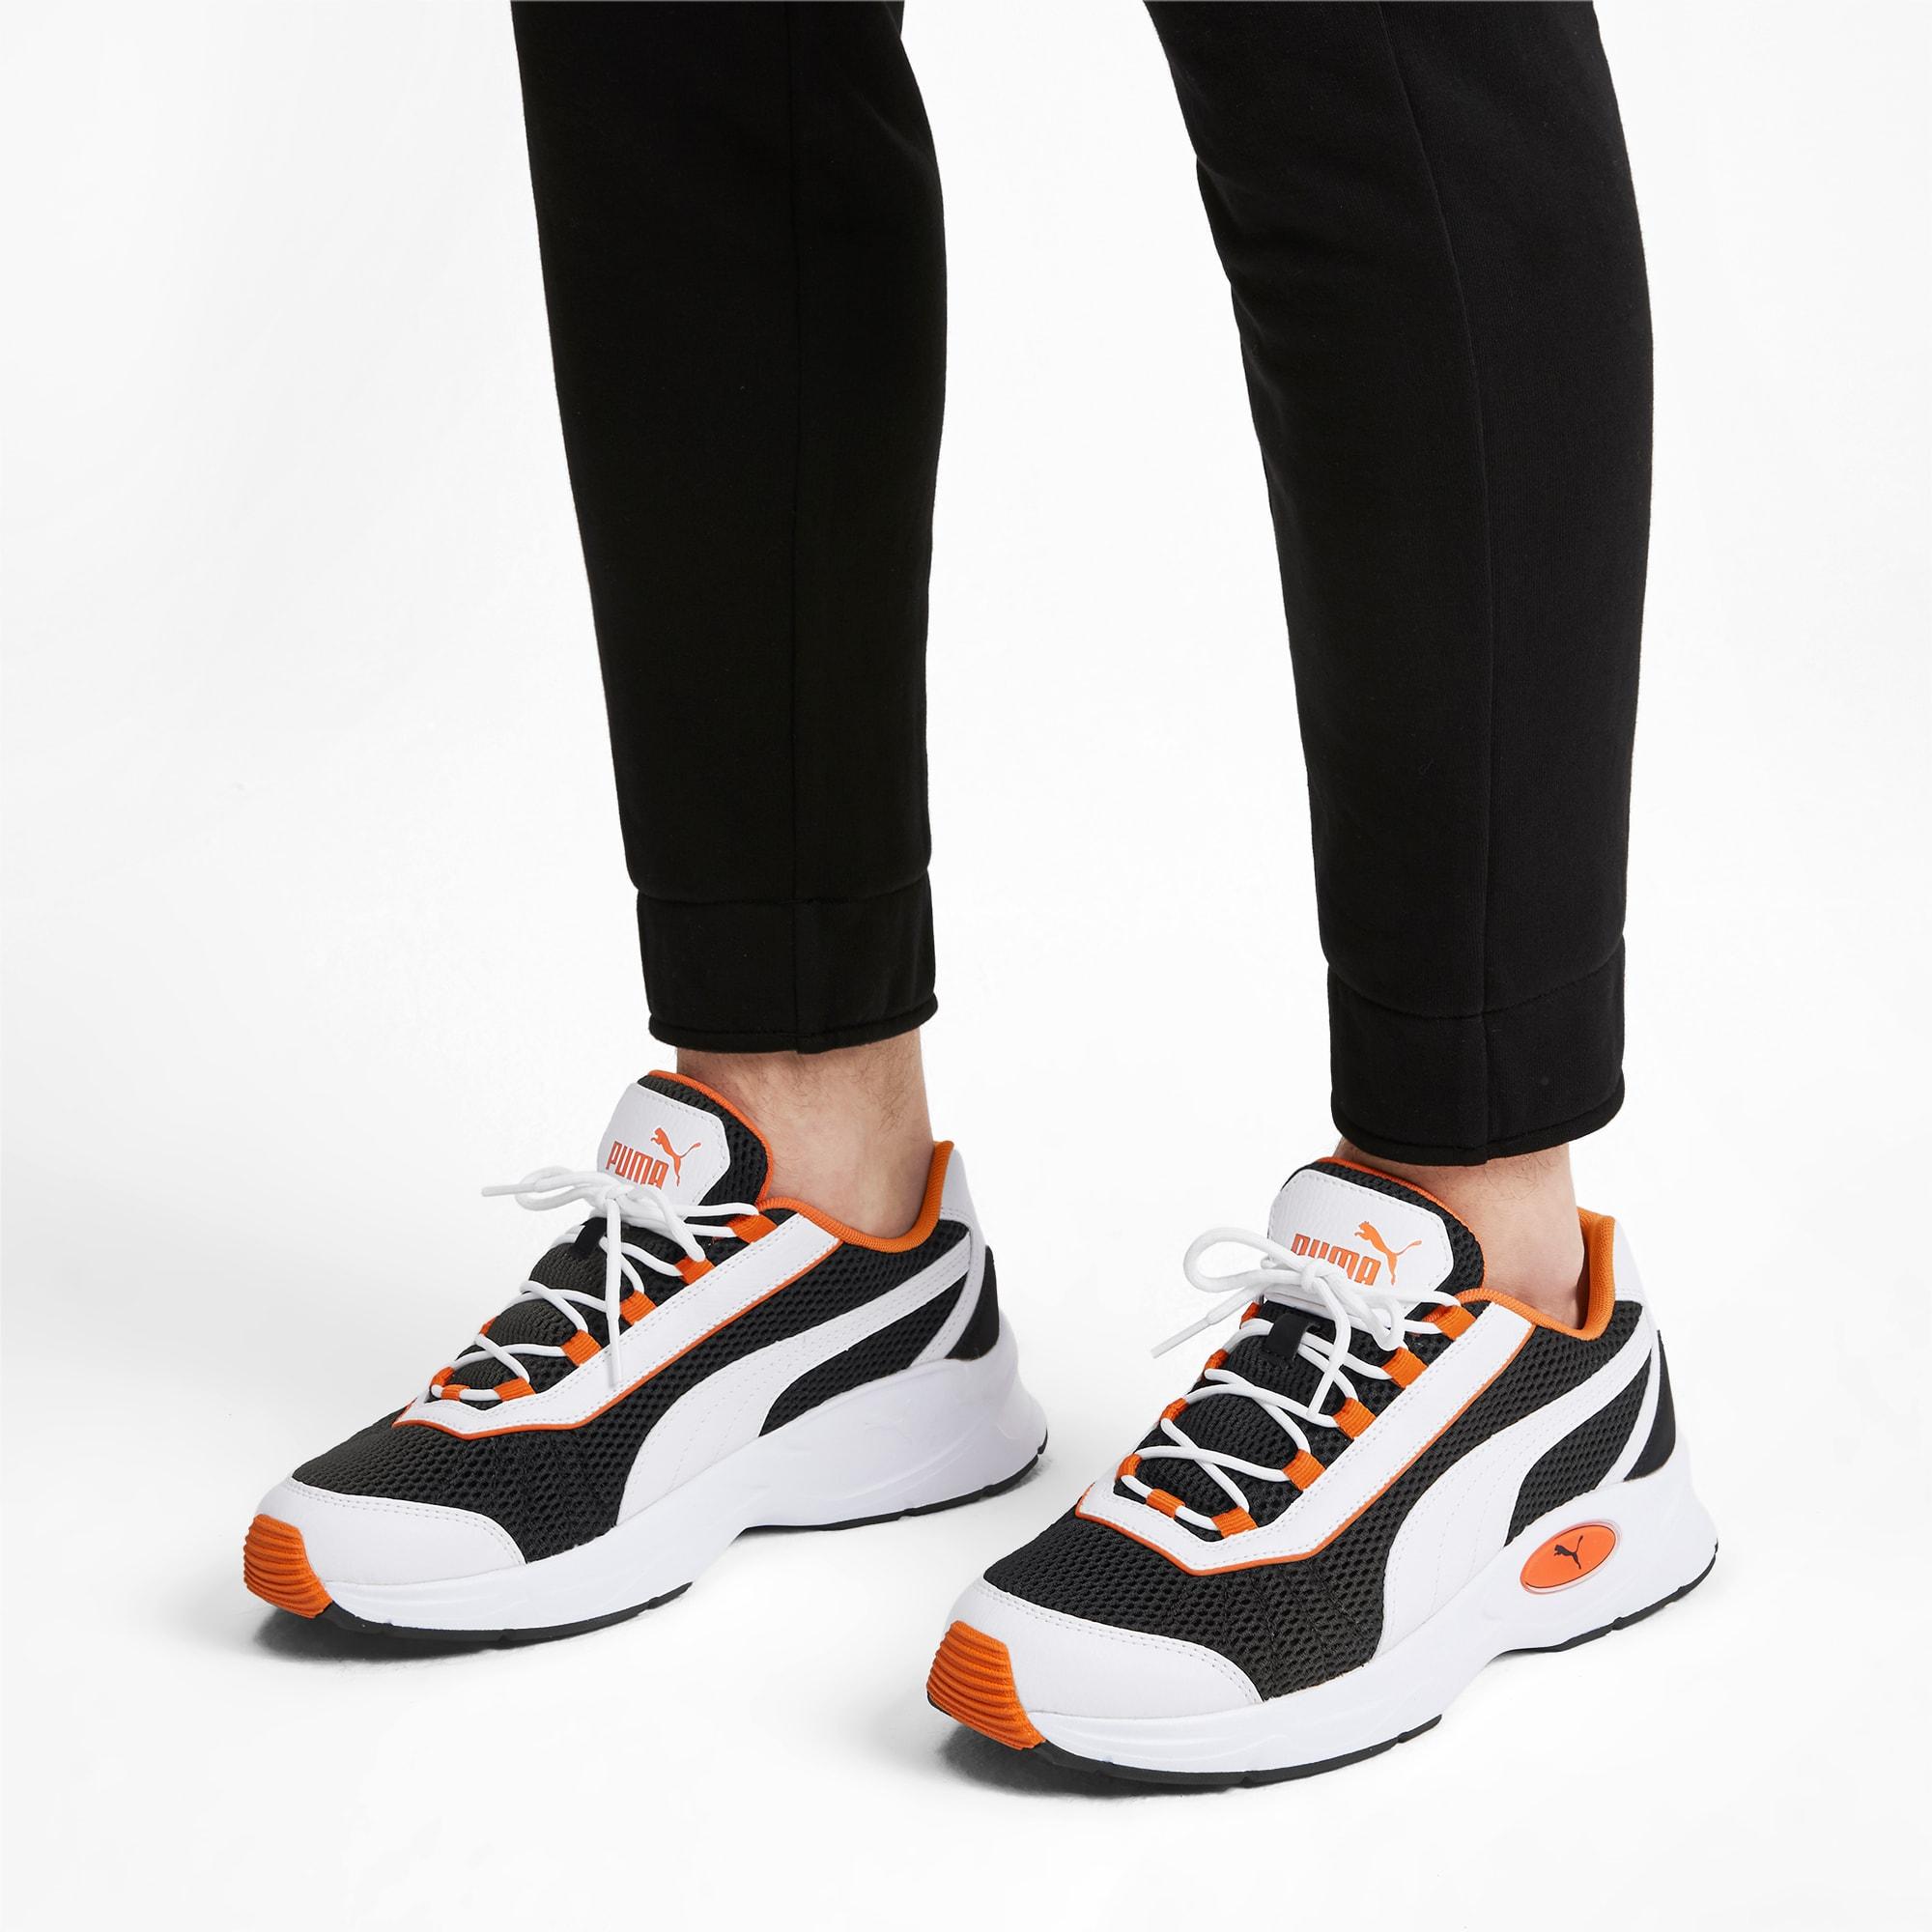 Nucleus Training Shoes